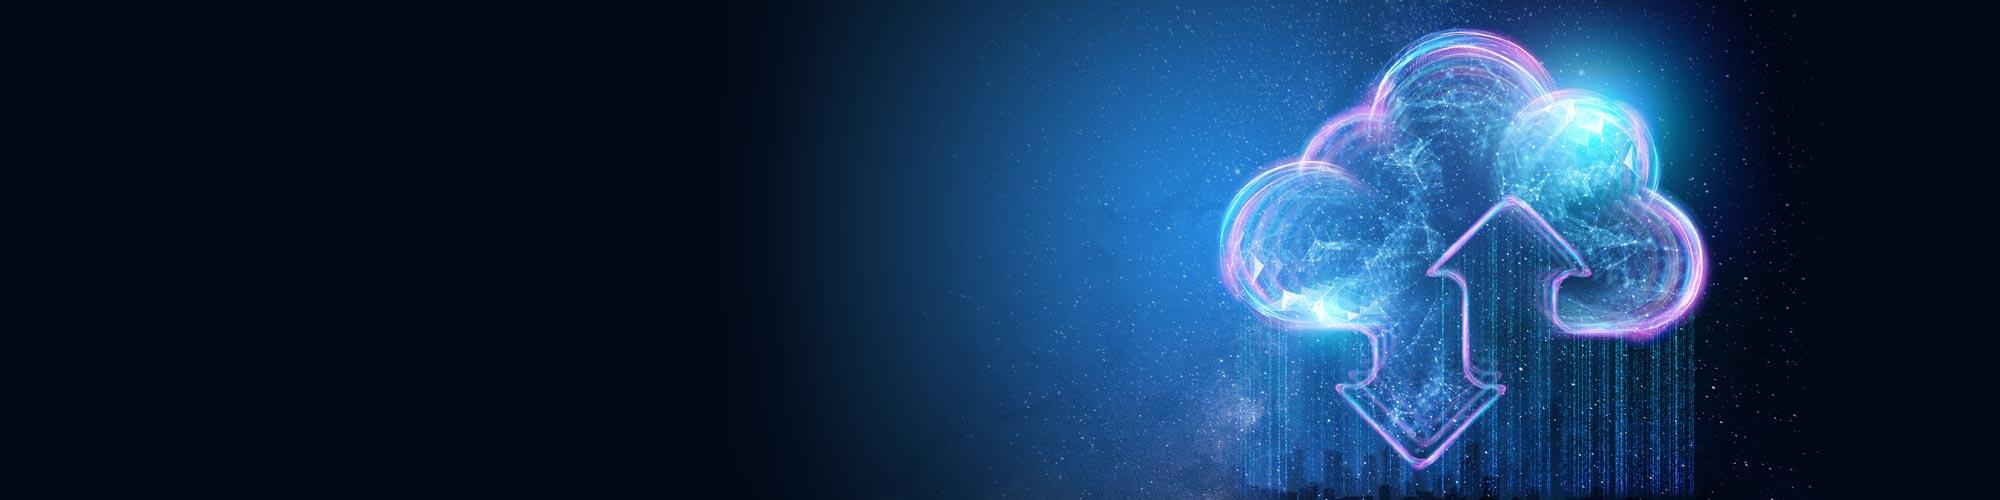 Azure-Essentials-Managed-Service-Header